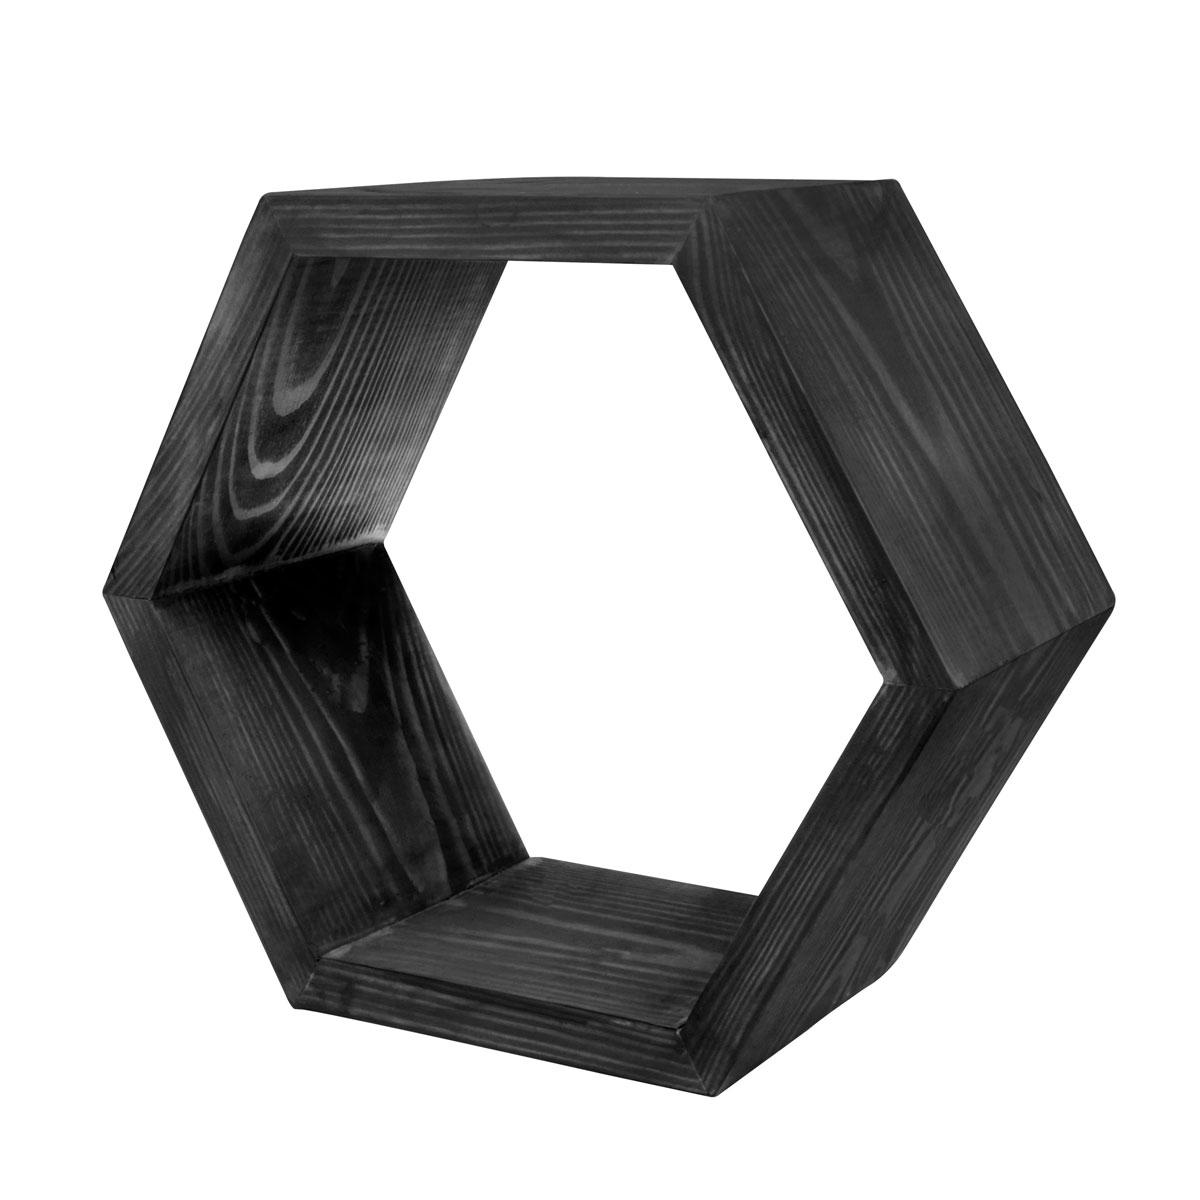 Декоративная полка EcoWoo 20 см, цвет: черныйDSH7NBОригинальные деревянные полки шестигранники. Отличное решение для декорирования комнаты. Несколько полок можно складывать в причудливые сочетания, ограниченные только вашей фантазией. Любой цвет и размер. Станьте креативными дизайнерами своего жилого пространства!